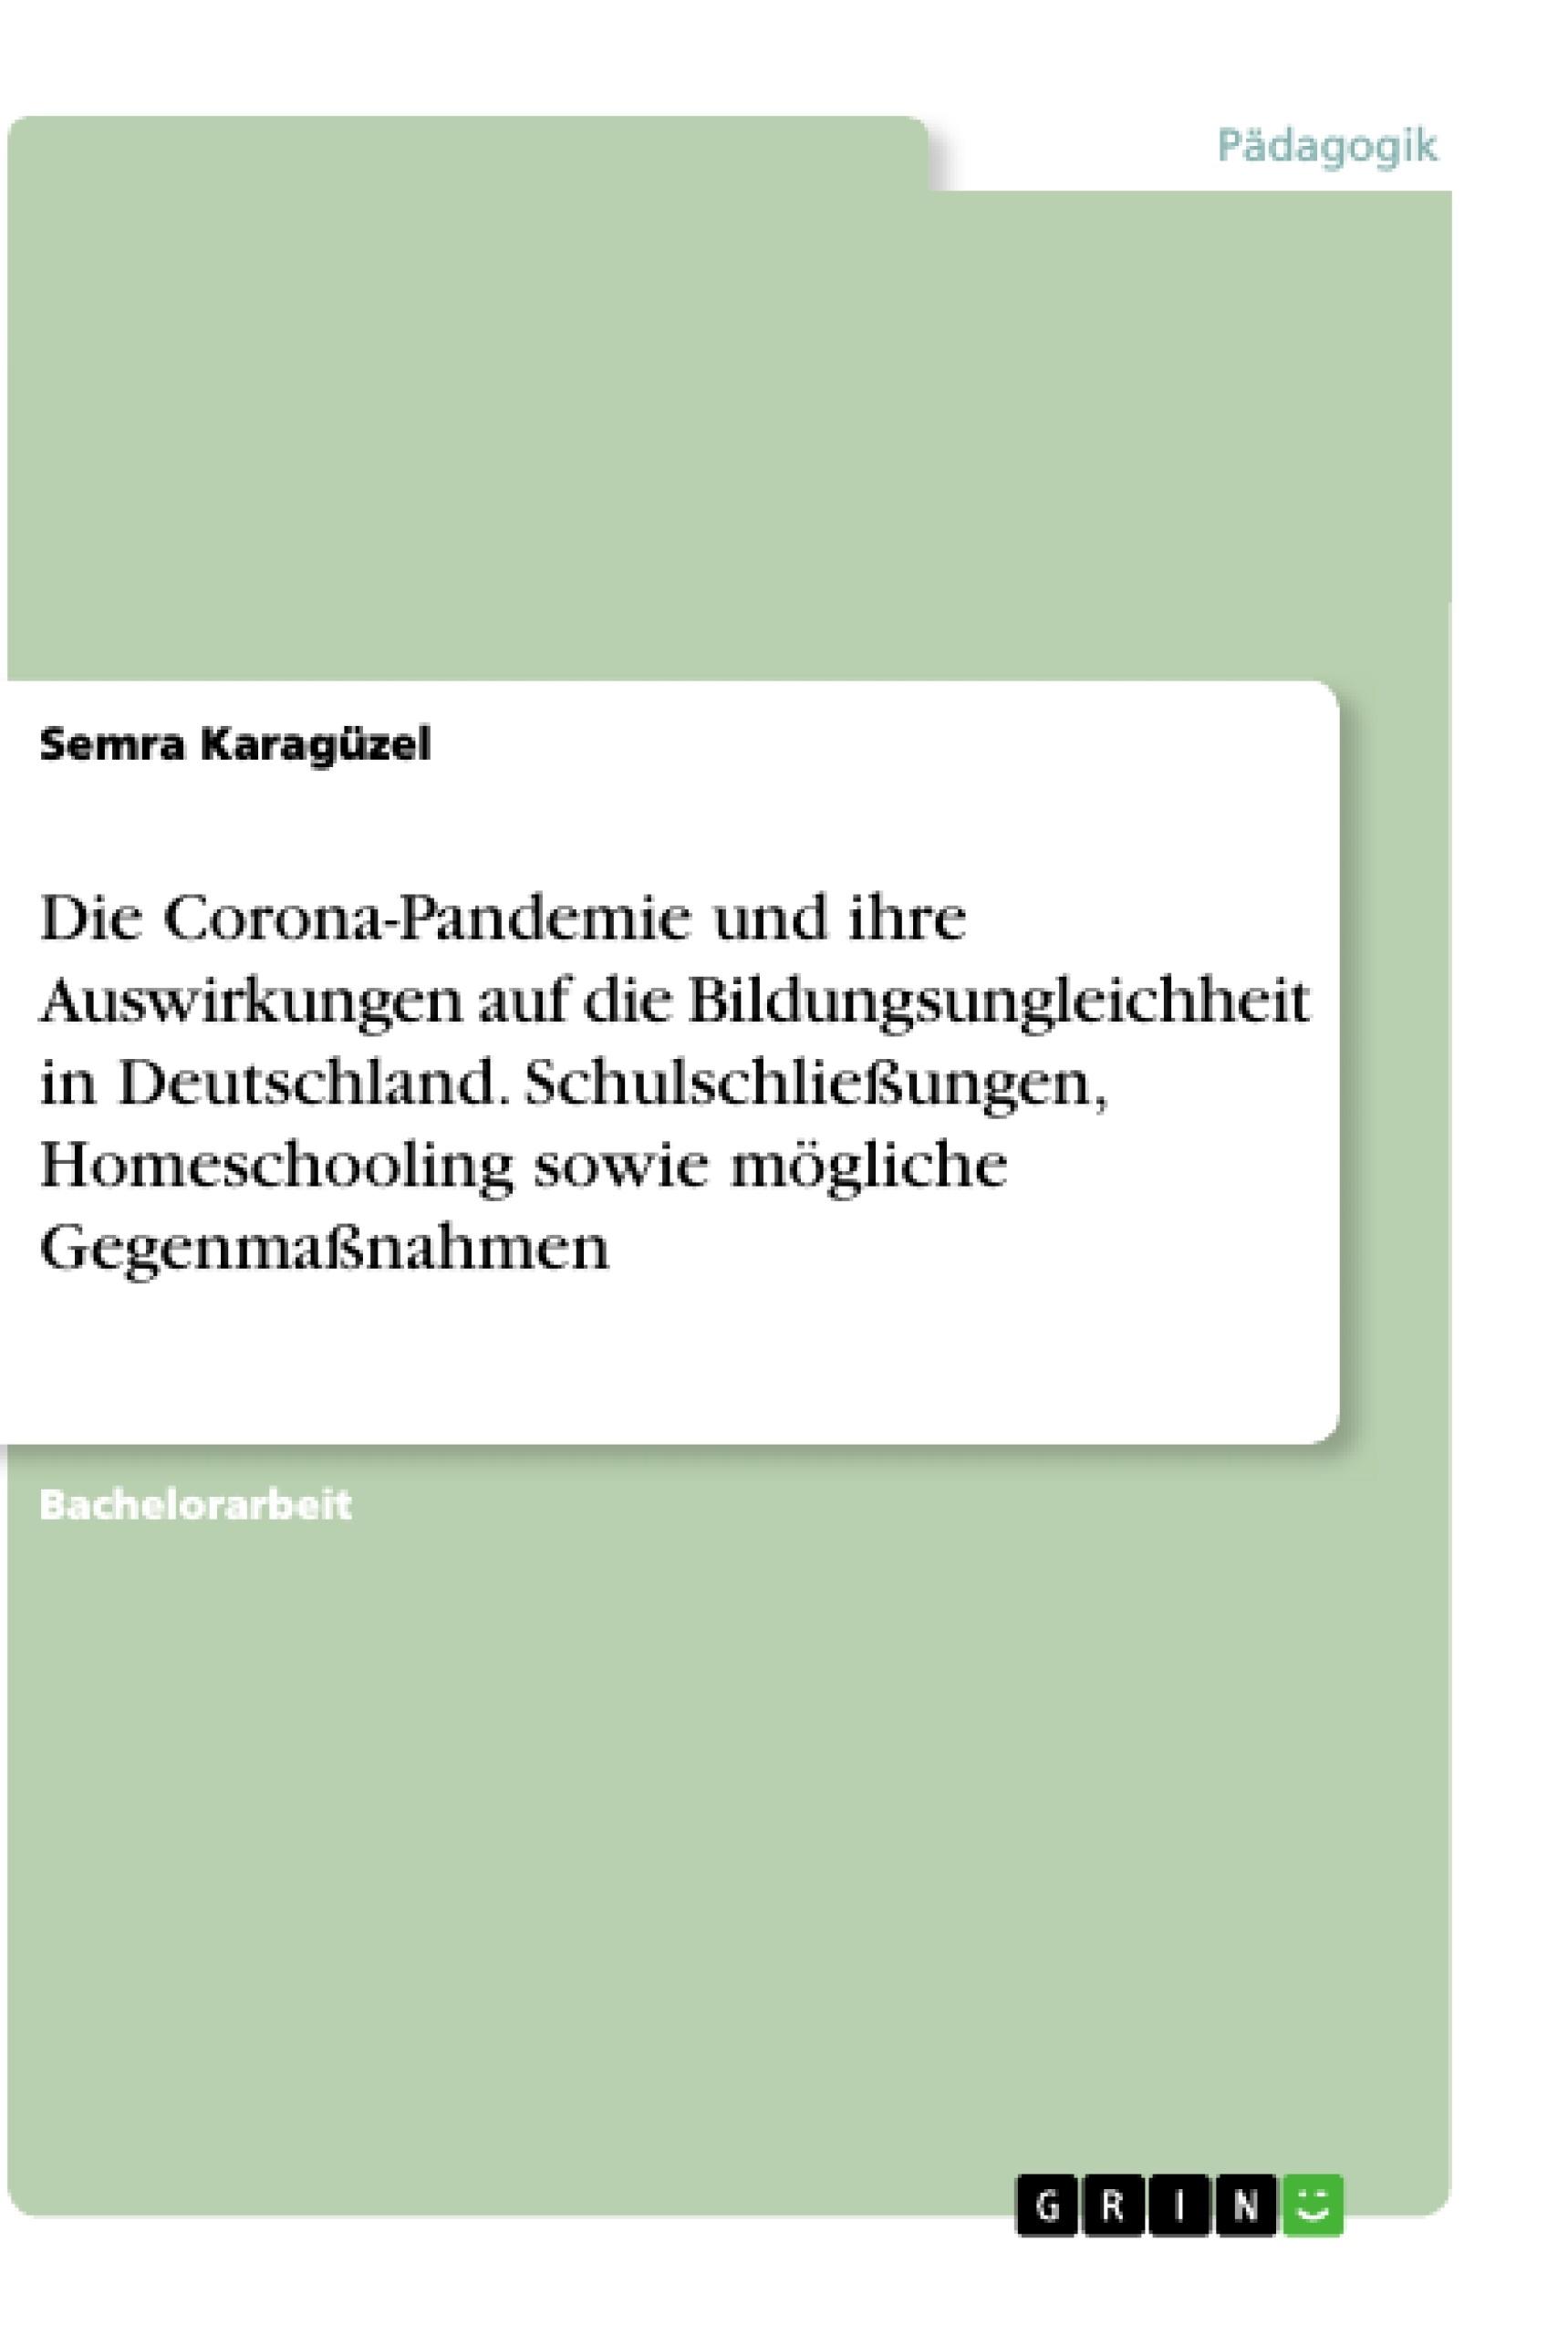 Titel: Die Corona-Pandemie und ihre Auswirkungen auf die Bildungsungleichheit in Deutschland. Schulschließungen, Homeschooling sowie mögliche Gegenmaßnahmen